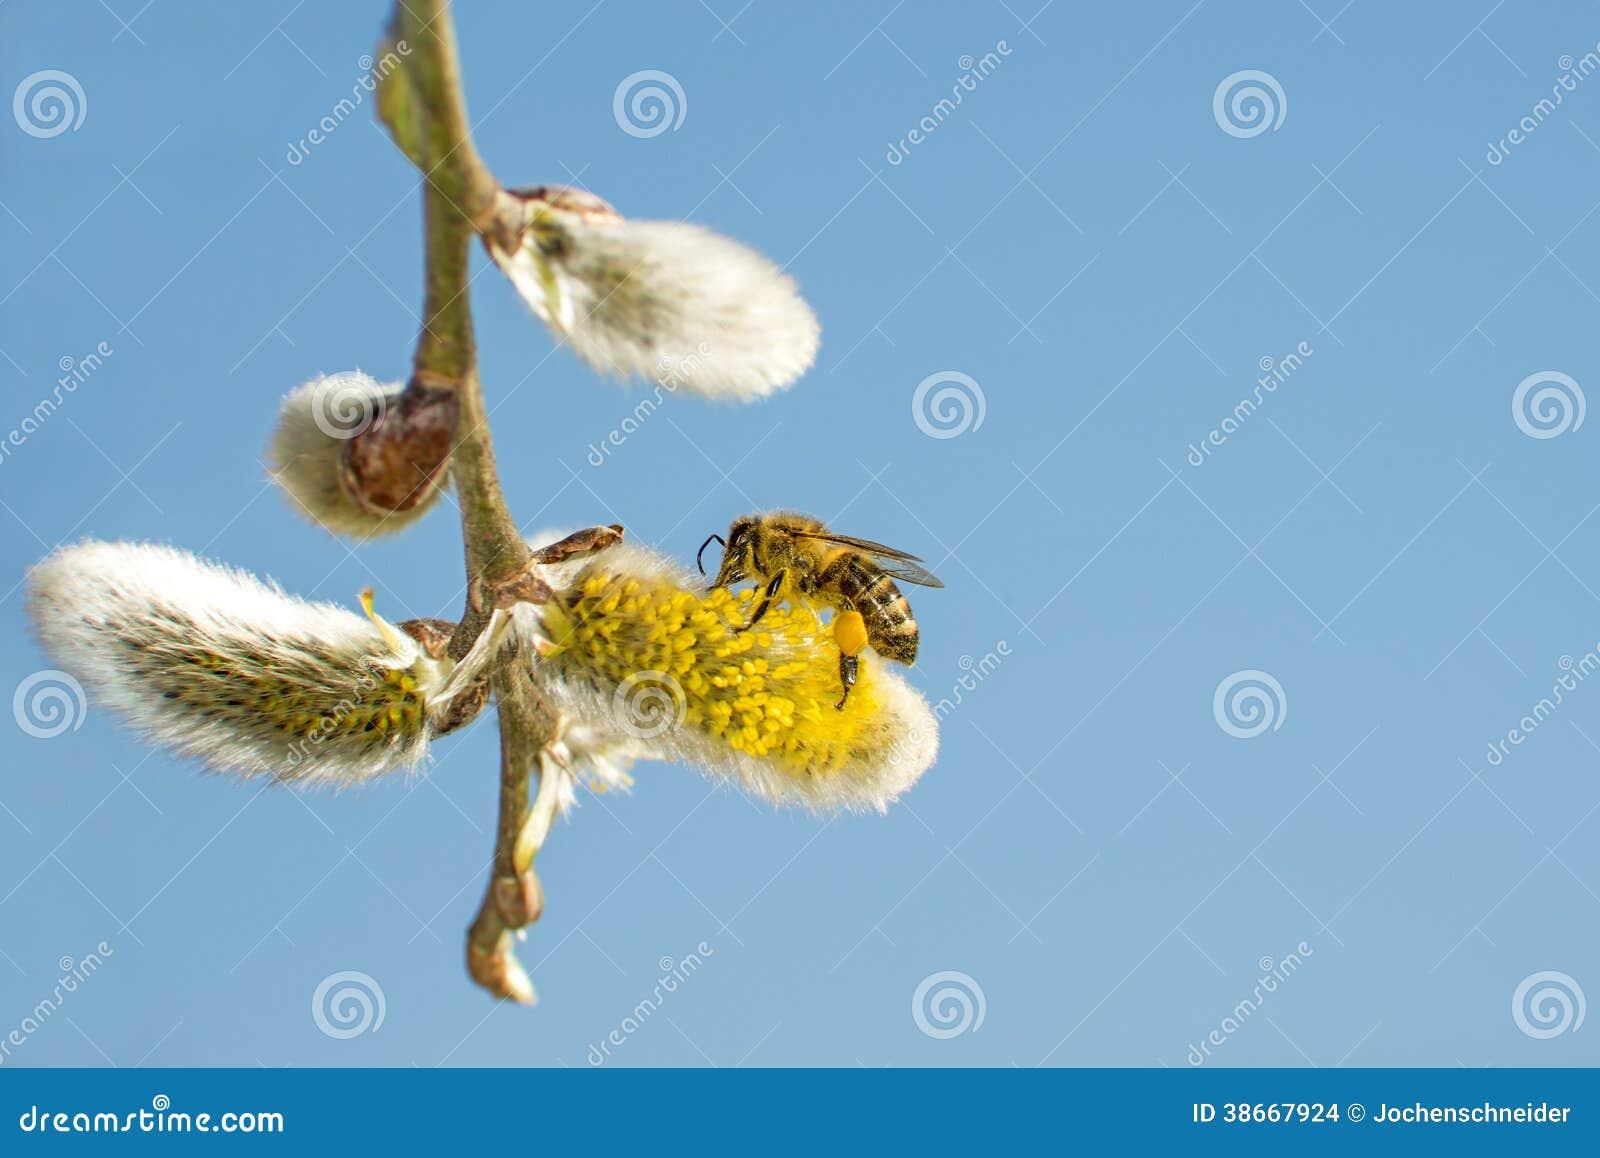 Цветение вербы с пчелой